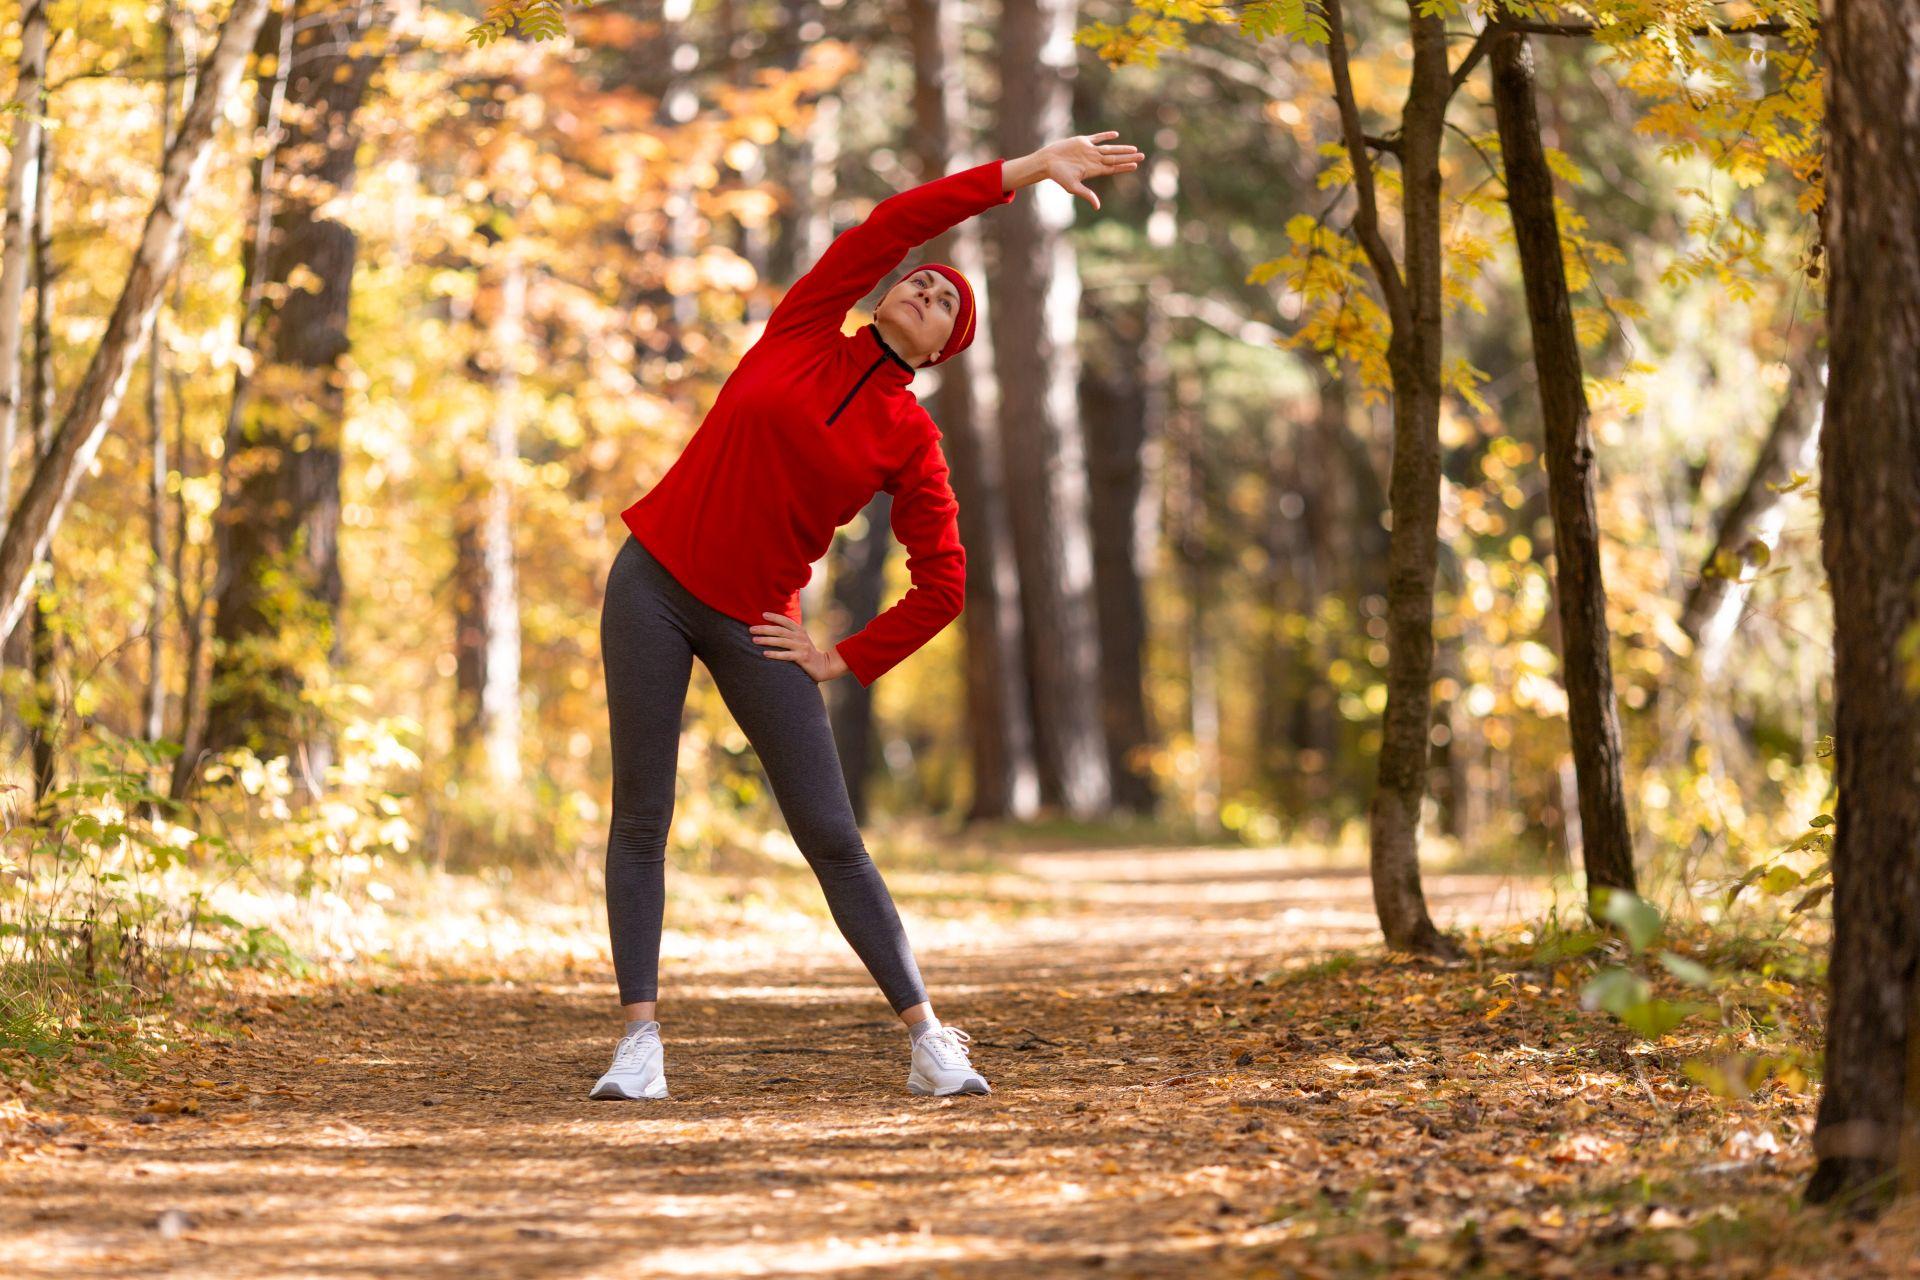 Zadbaj o prawidłową rozgrzewkę przed treningiem, dzięki czemu minimalizujesz ryzyko kontuzji i problemów podczas treningu - wdrażaj zdrową dietę dla biegacza wspierającą stawy i kości, zbilansowane posiłki bogate w witaminę K i D.